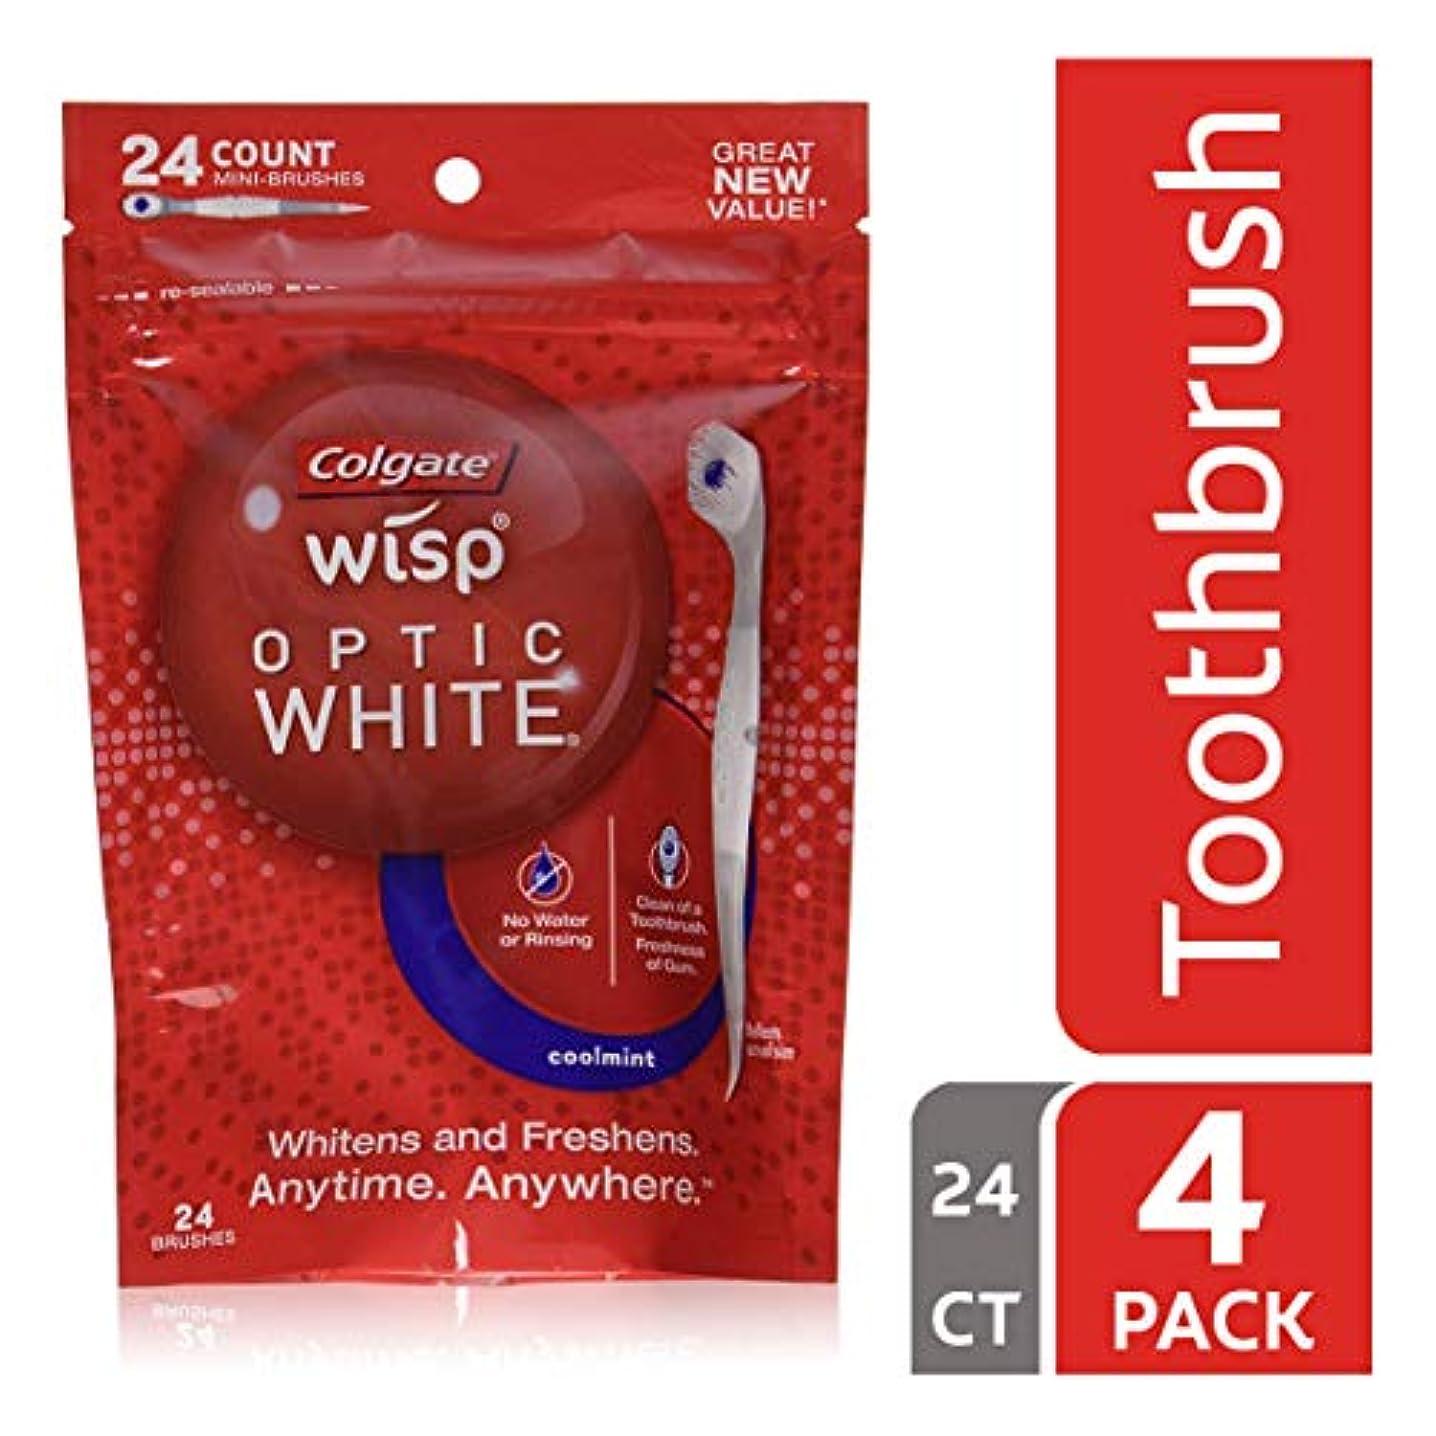 長々とエステート控えるコルゲート ポータブルミニ歯ブラシ オプティックホワイト、クールミント 24カウント (4袋 (24x4 ミニブラシ))